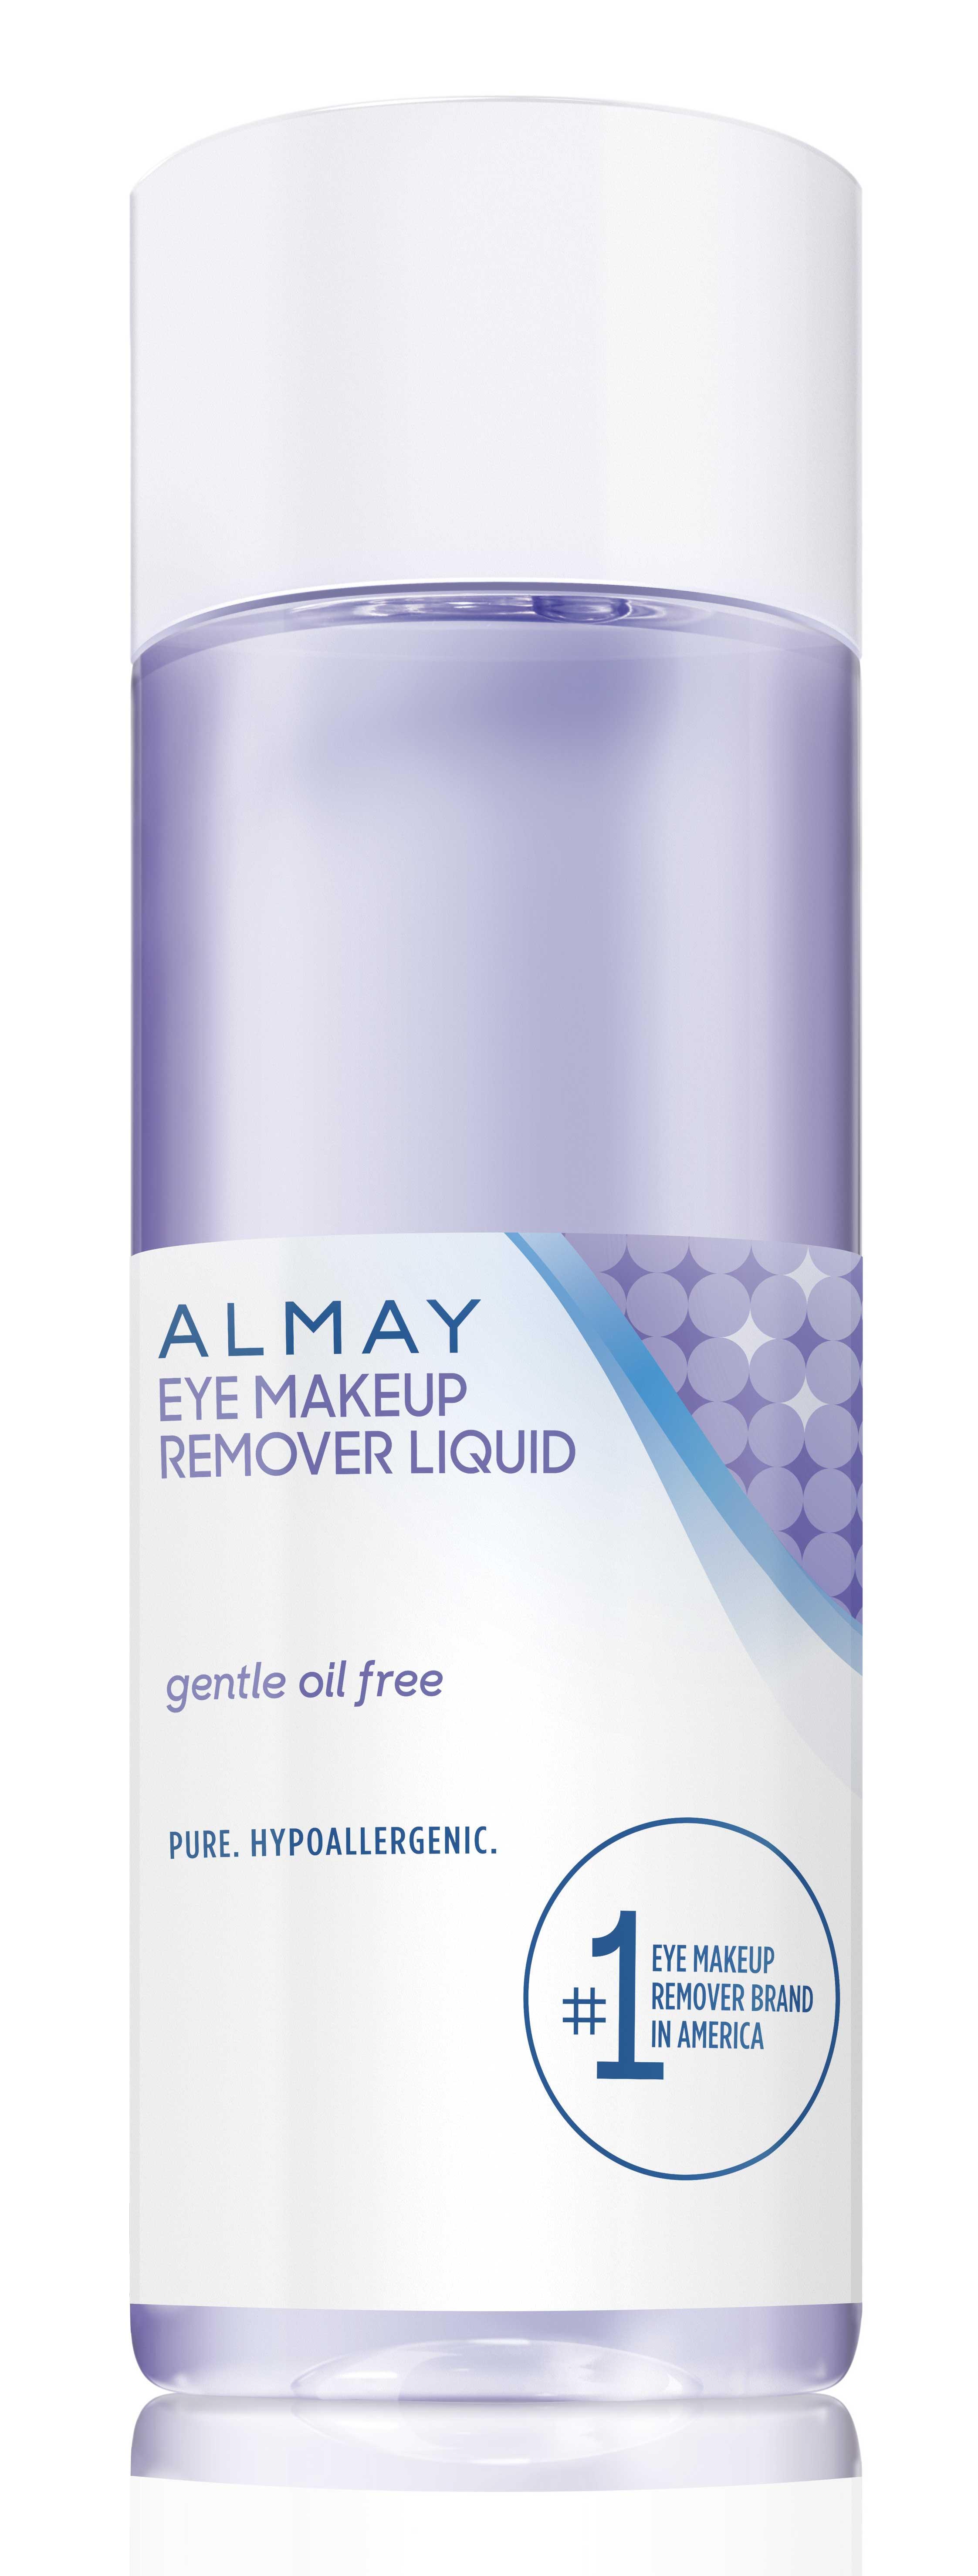 Almay Gentle Oil-Free